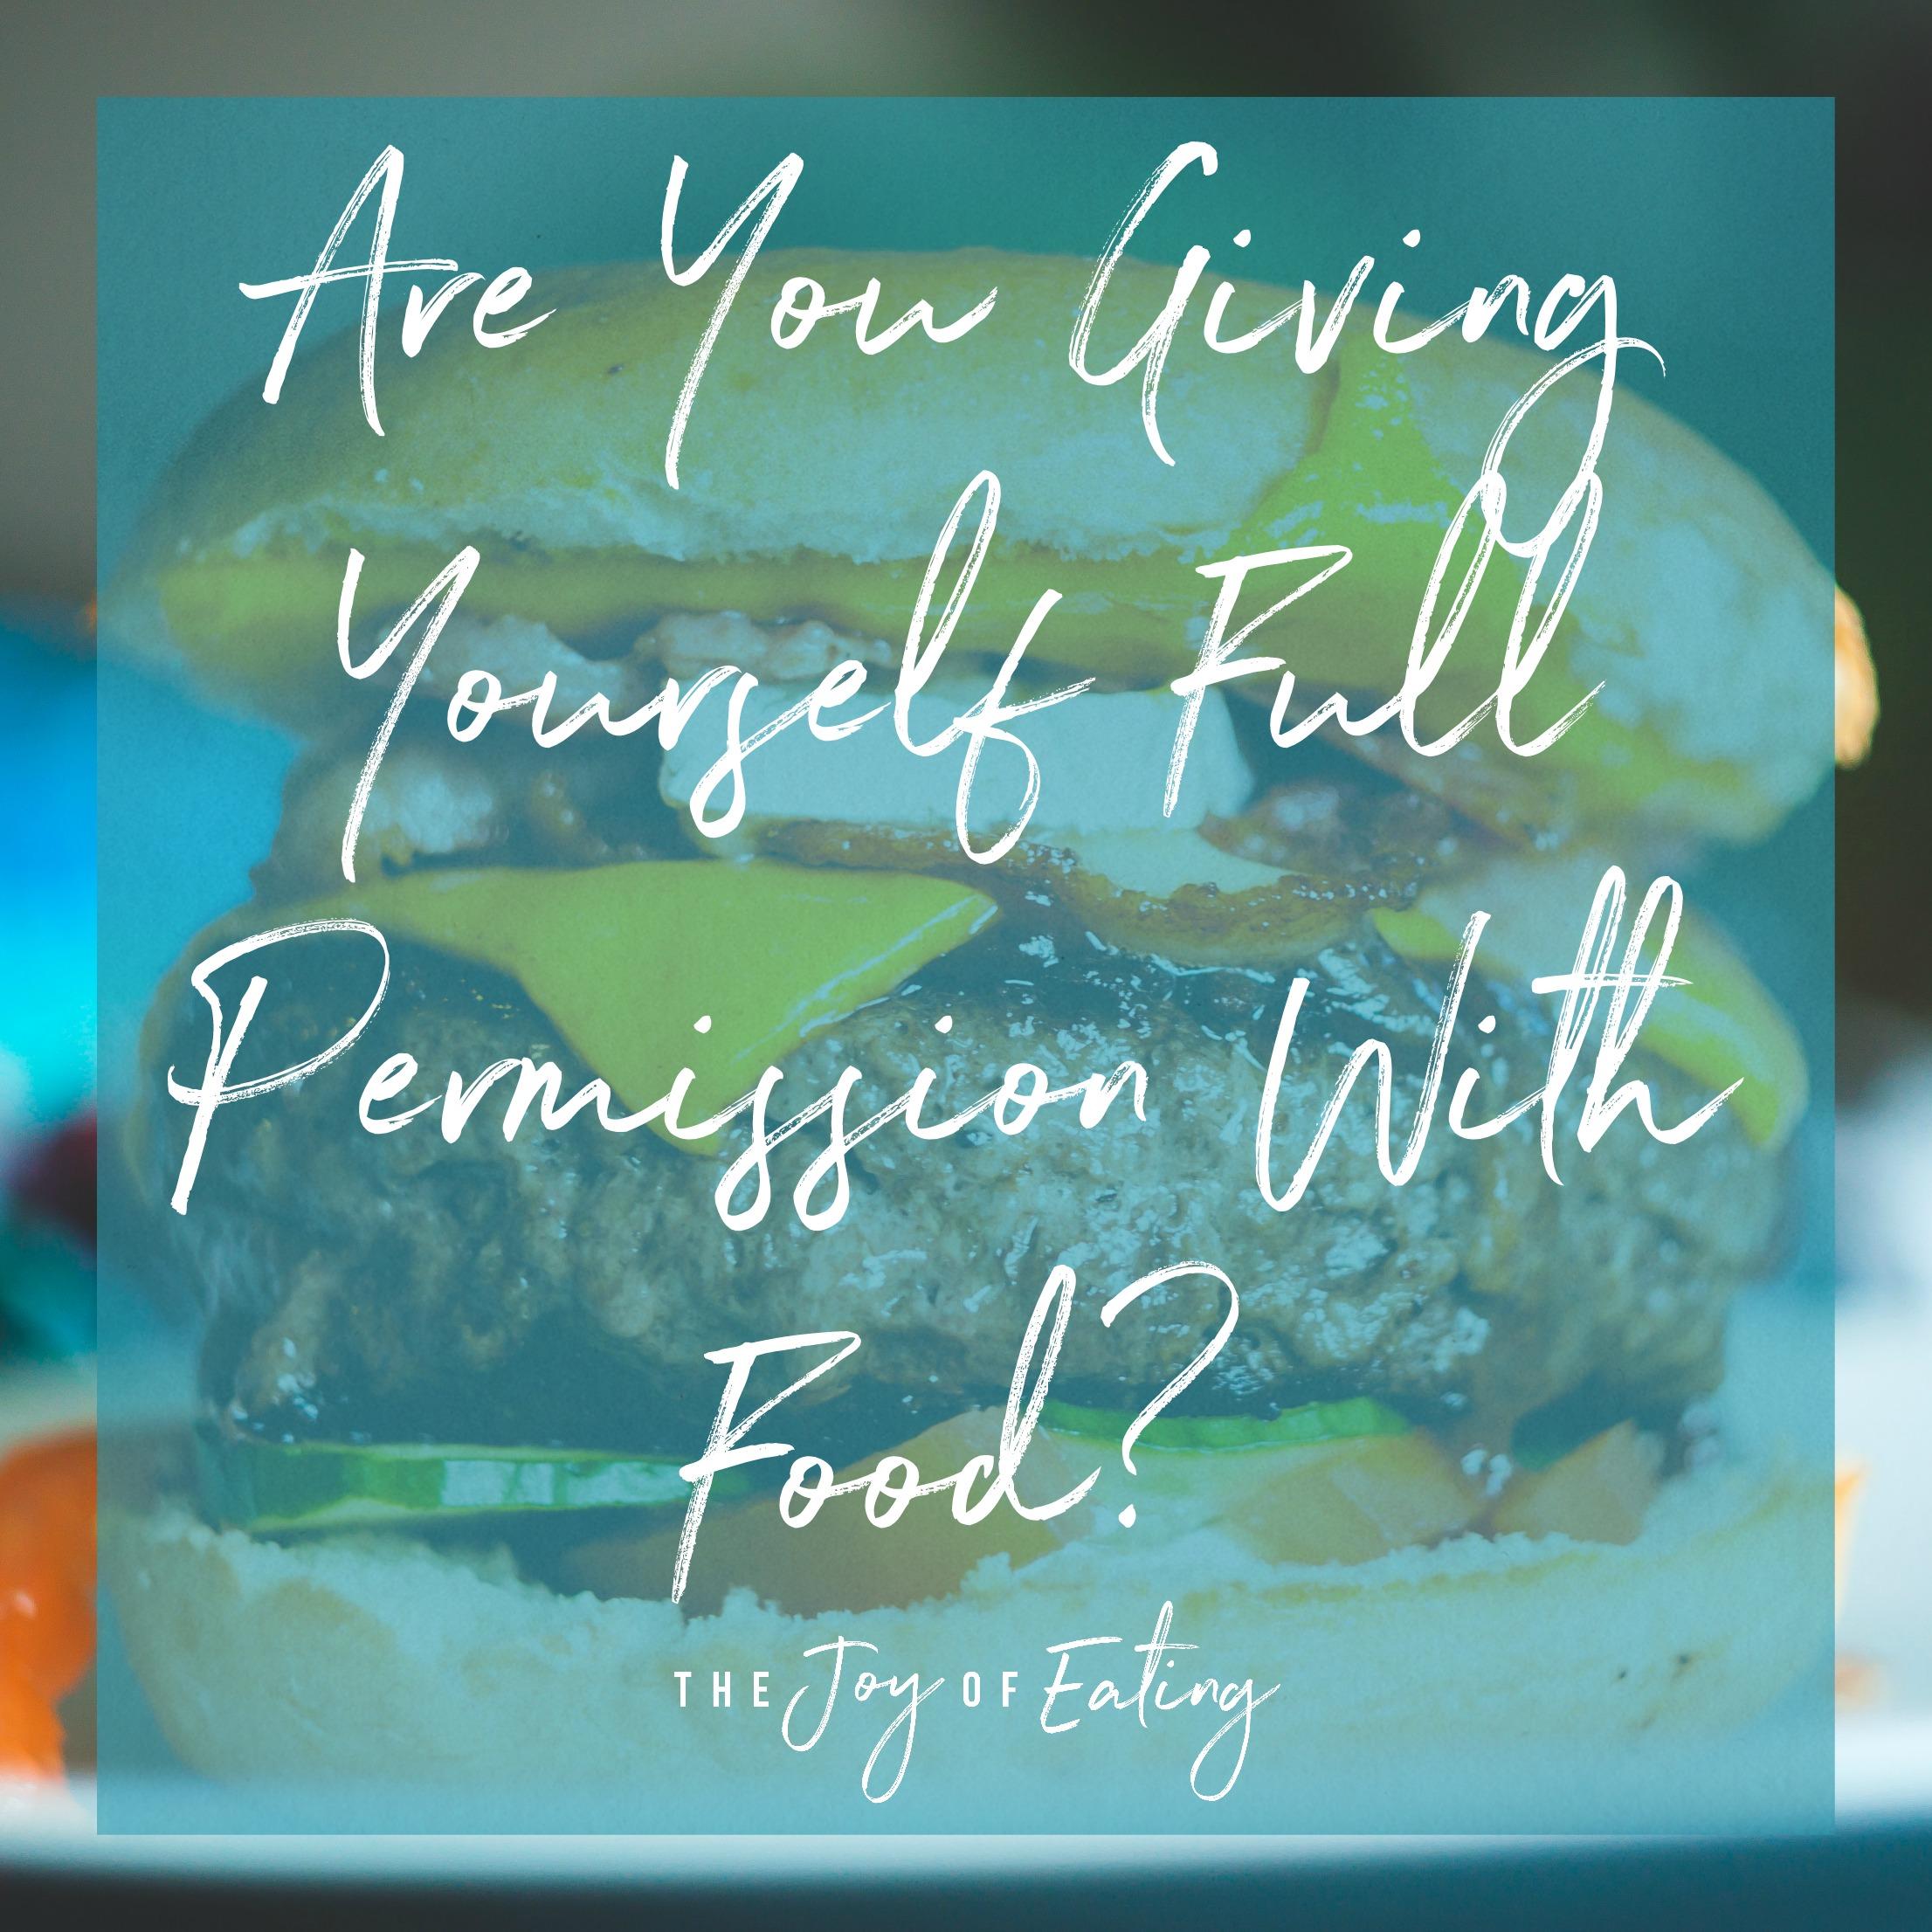 你能提供免费的食物,或者你的许可吗?##营养健康#